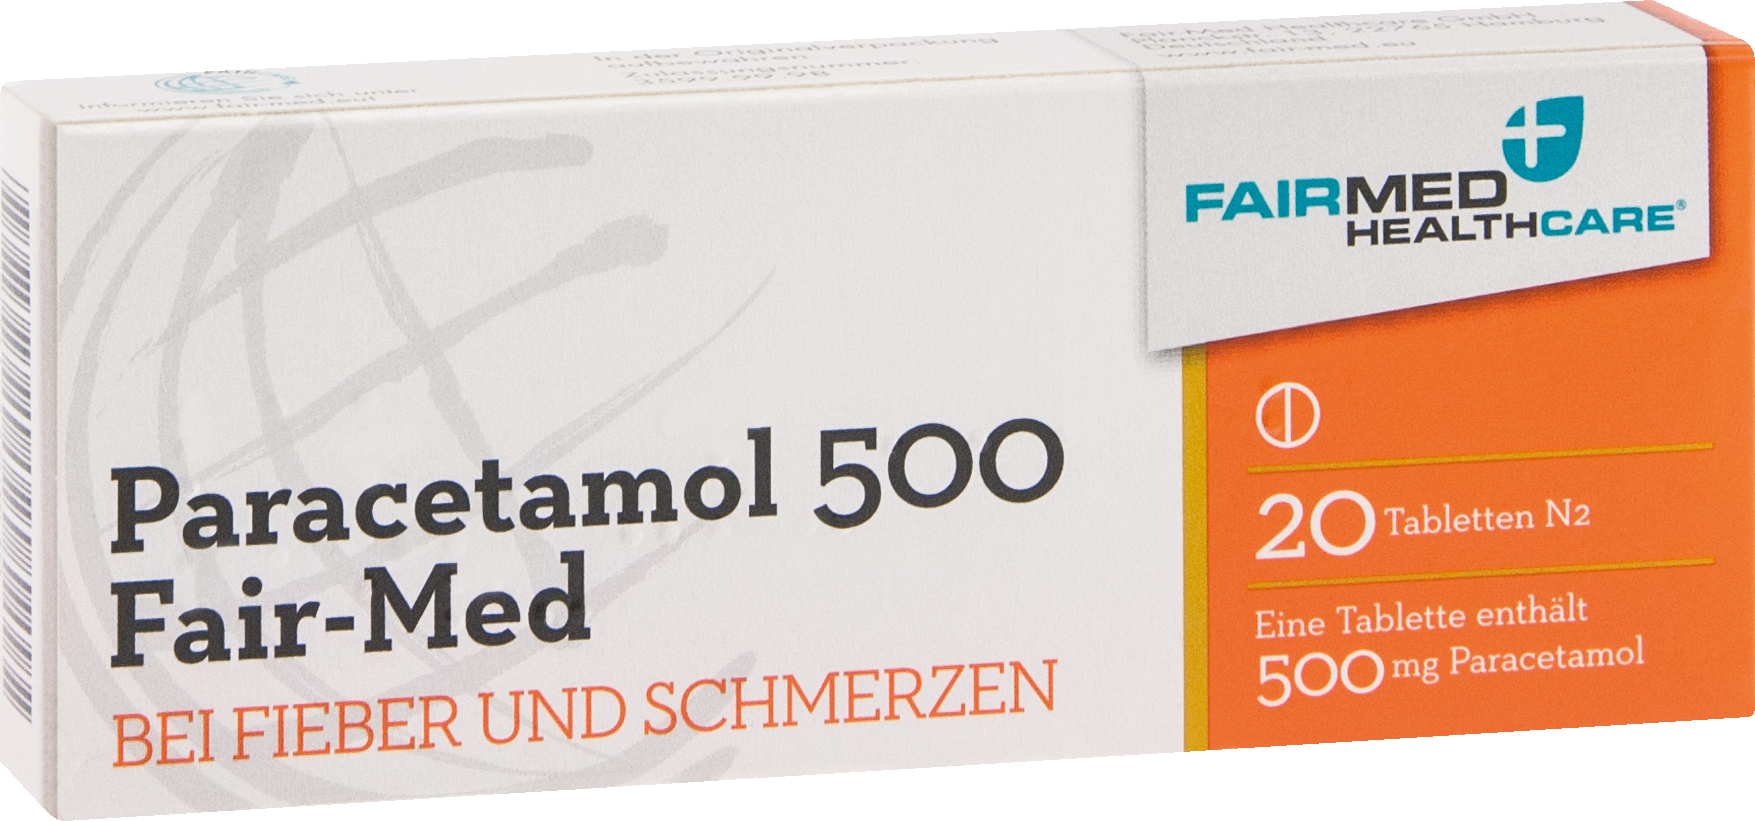 Paracetamol 500 Fair-Med